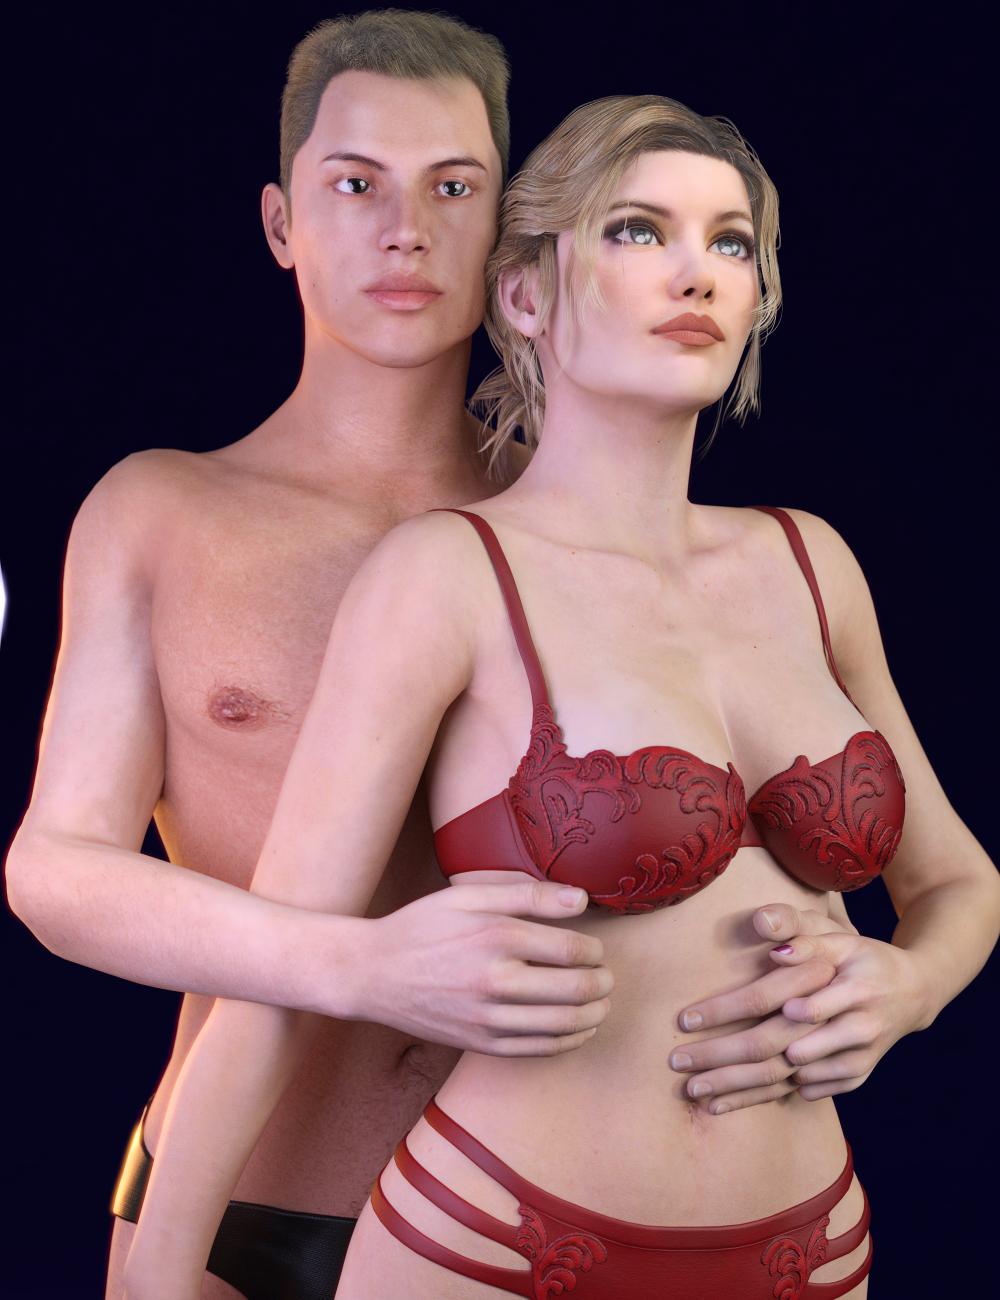 Beautiful Skin Genesis 2 Iray Bundle by: SickleyieldFuseling, 3D Models by Daz 3D